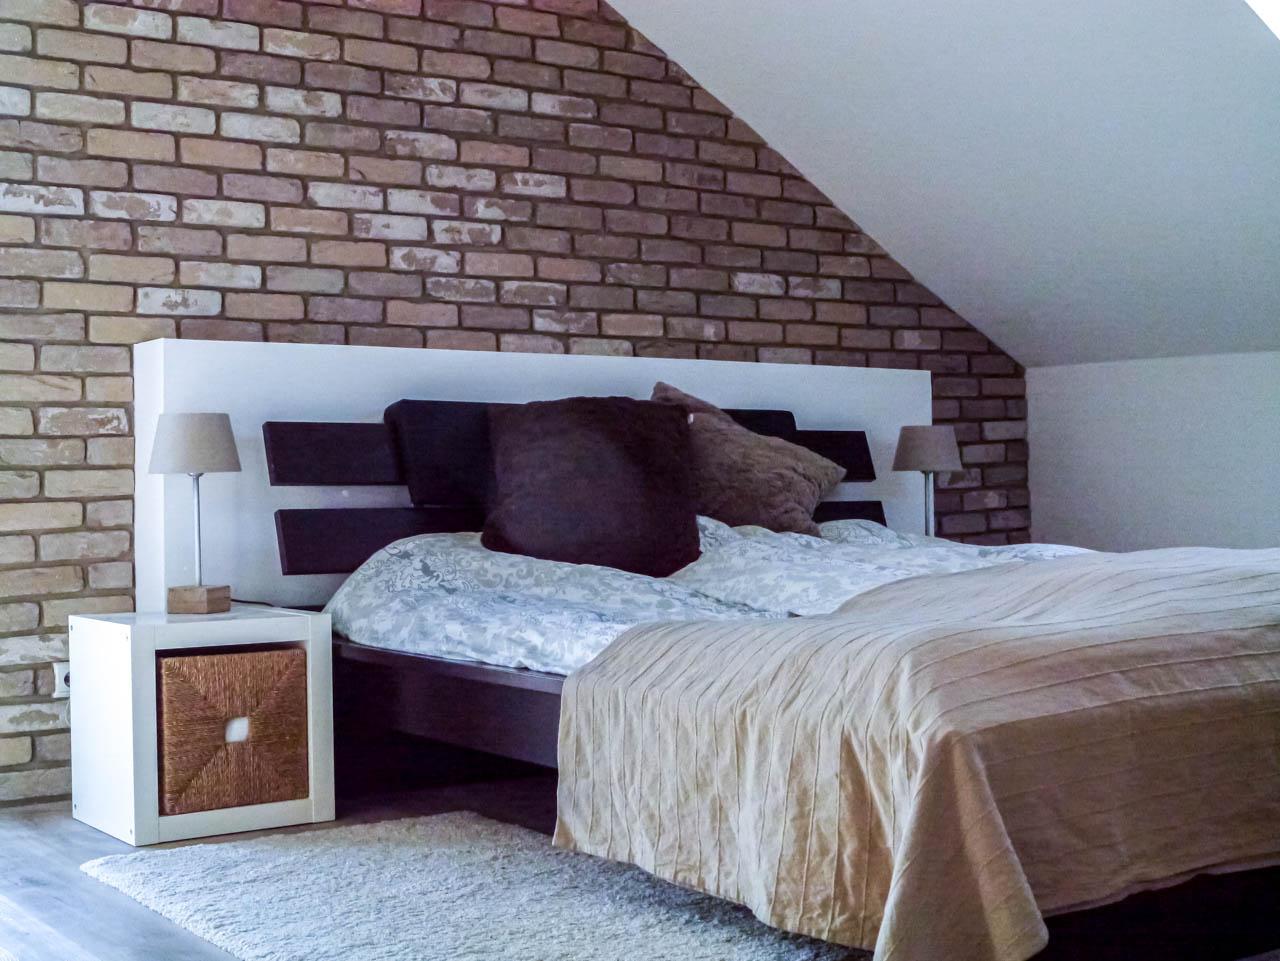 Steinwand im Schlafzimmer - Loftcharakter